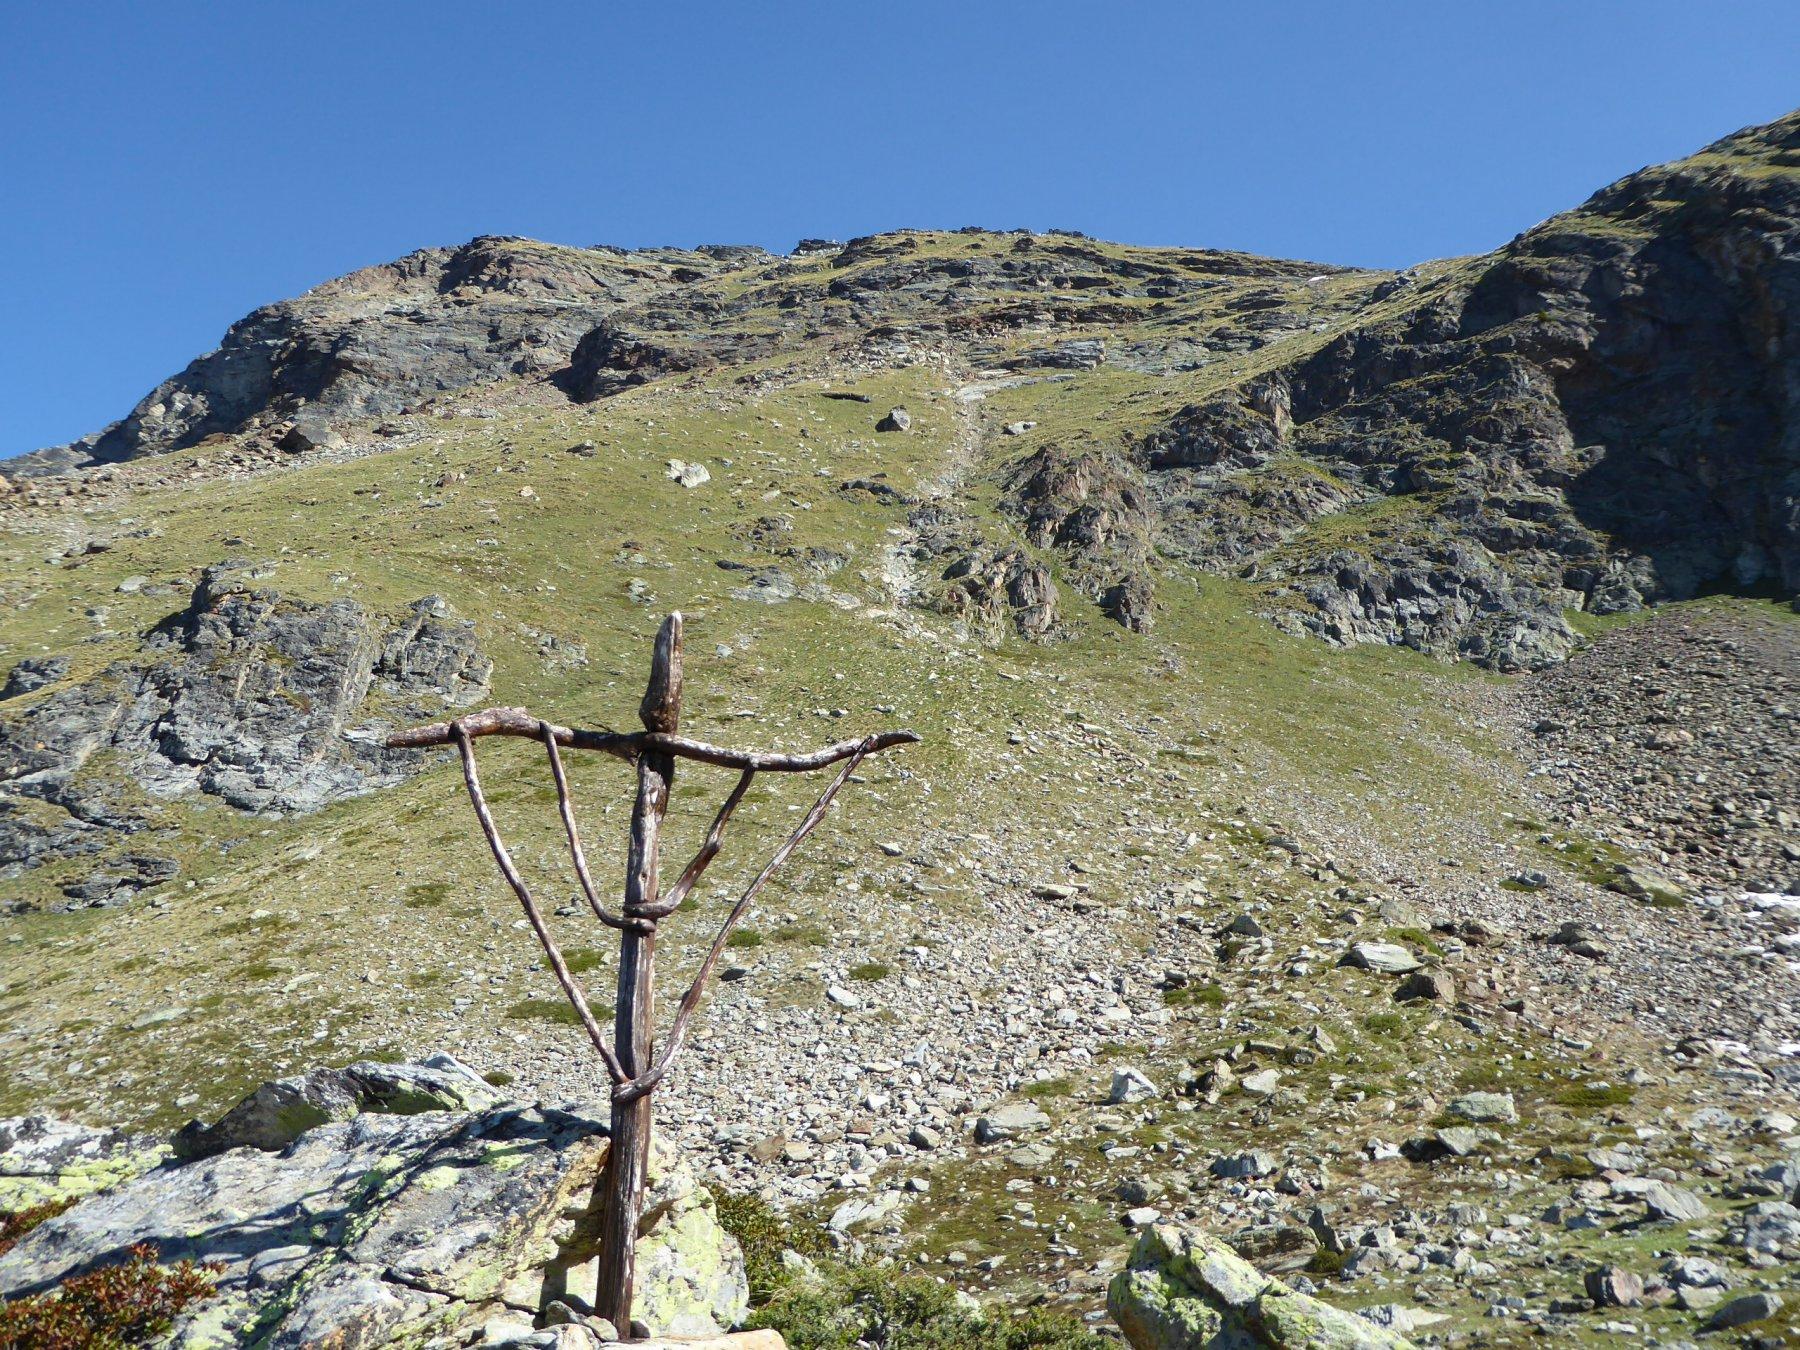 il crocefisso in legno a 2330 metri e lassù la Viou